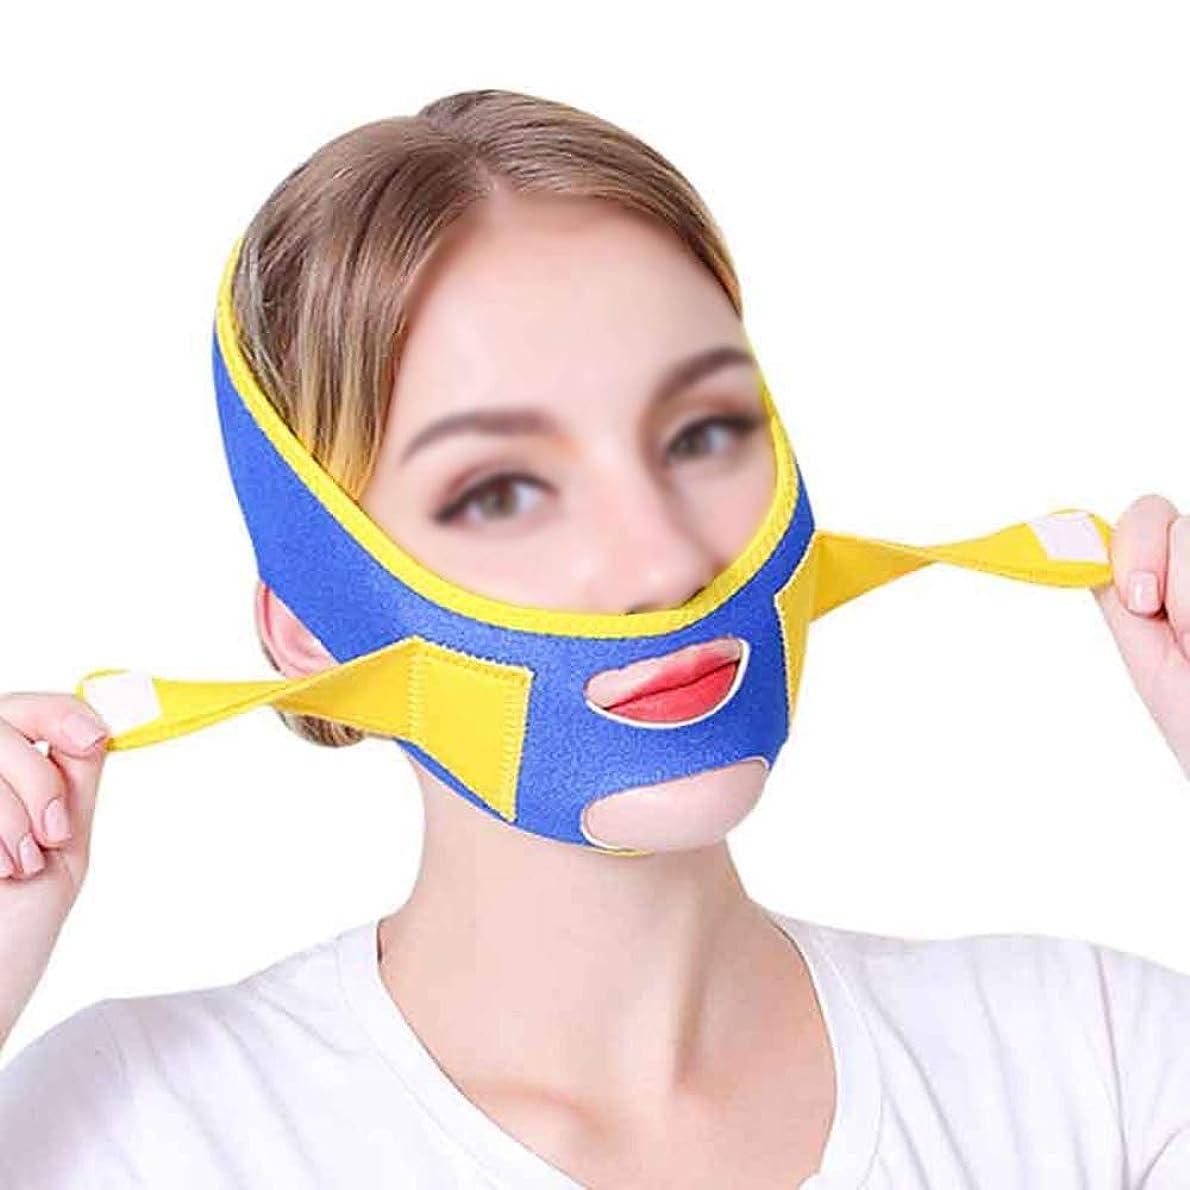 に向けて出発専門前任者フェイスリフトマスク、あごストラップ回復包帯シンフェイスマスクVフェイスステッカーフェイスリフトステッカー韓国本物のリフティングファーミングリフト整形薄型ダブルチンフェイスリフト睡眠包帯アーティファクト